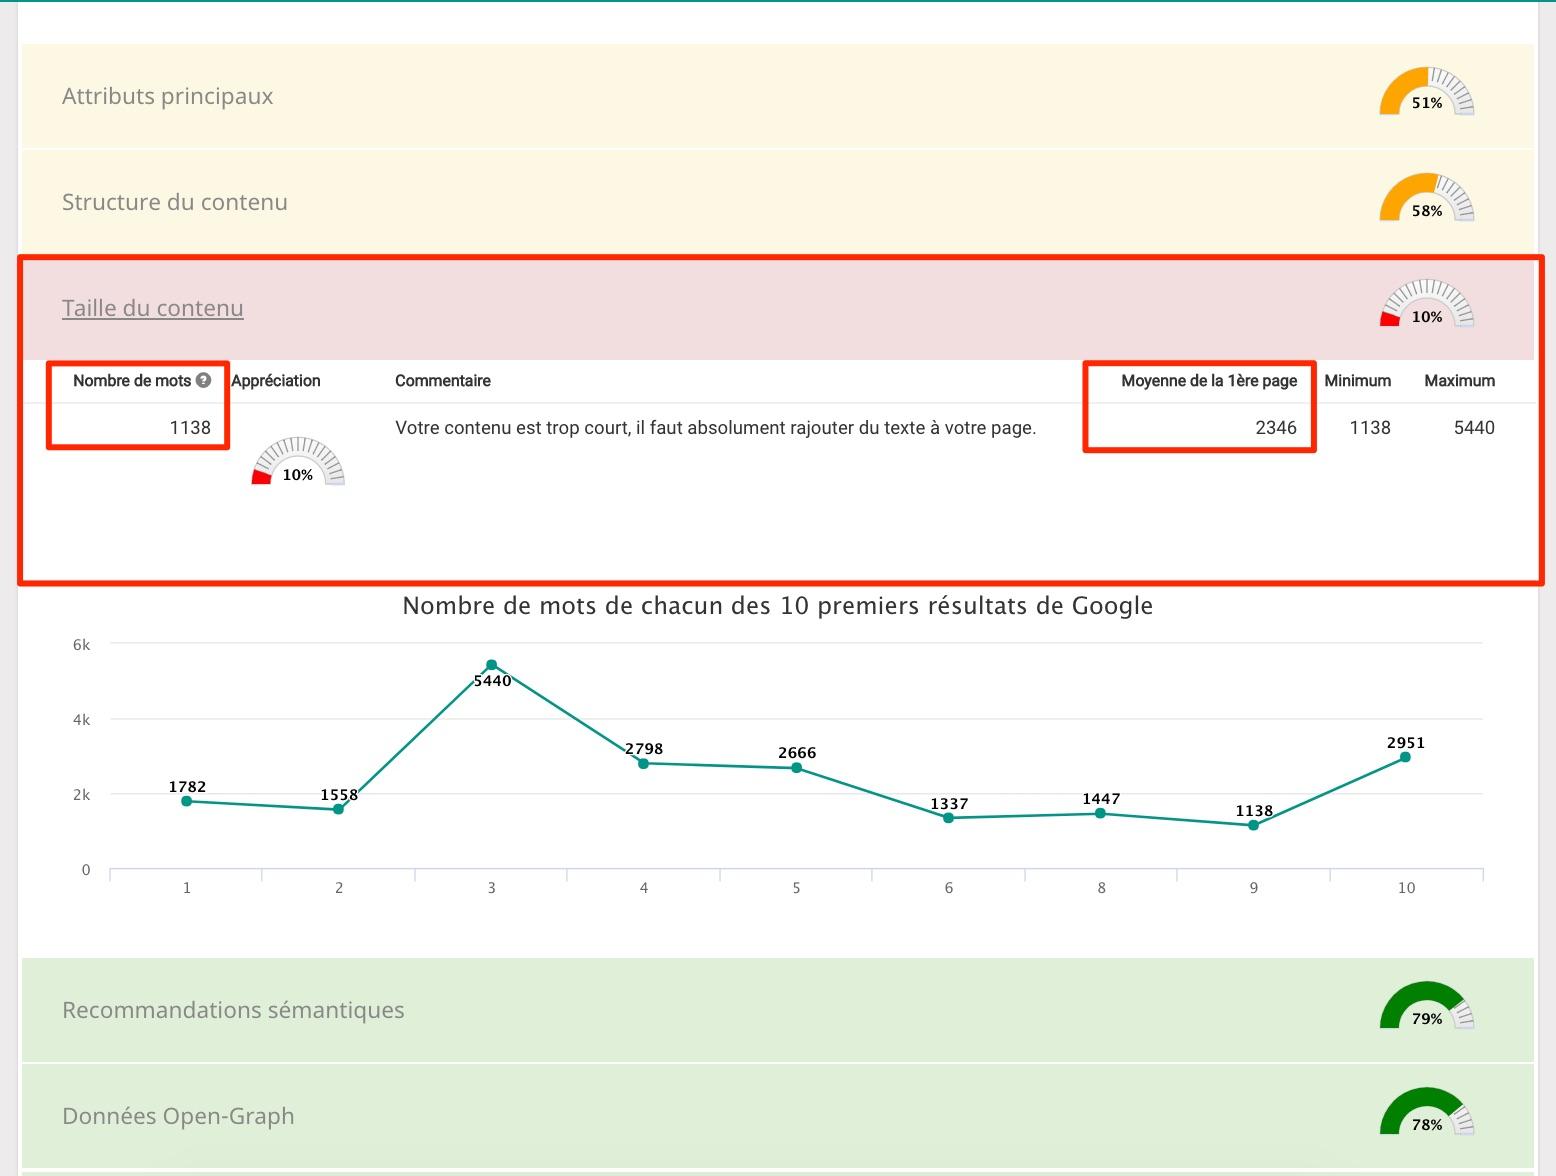 taille du contenu mots clés e-commerce seo guide smartkeyword